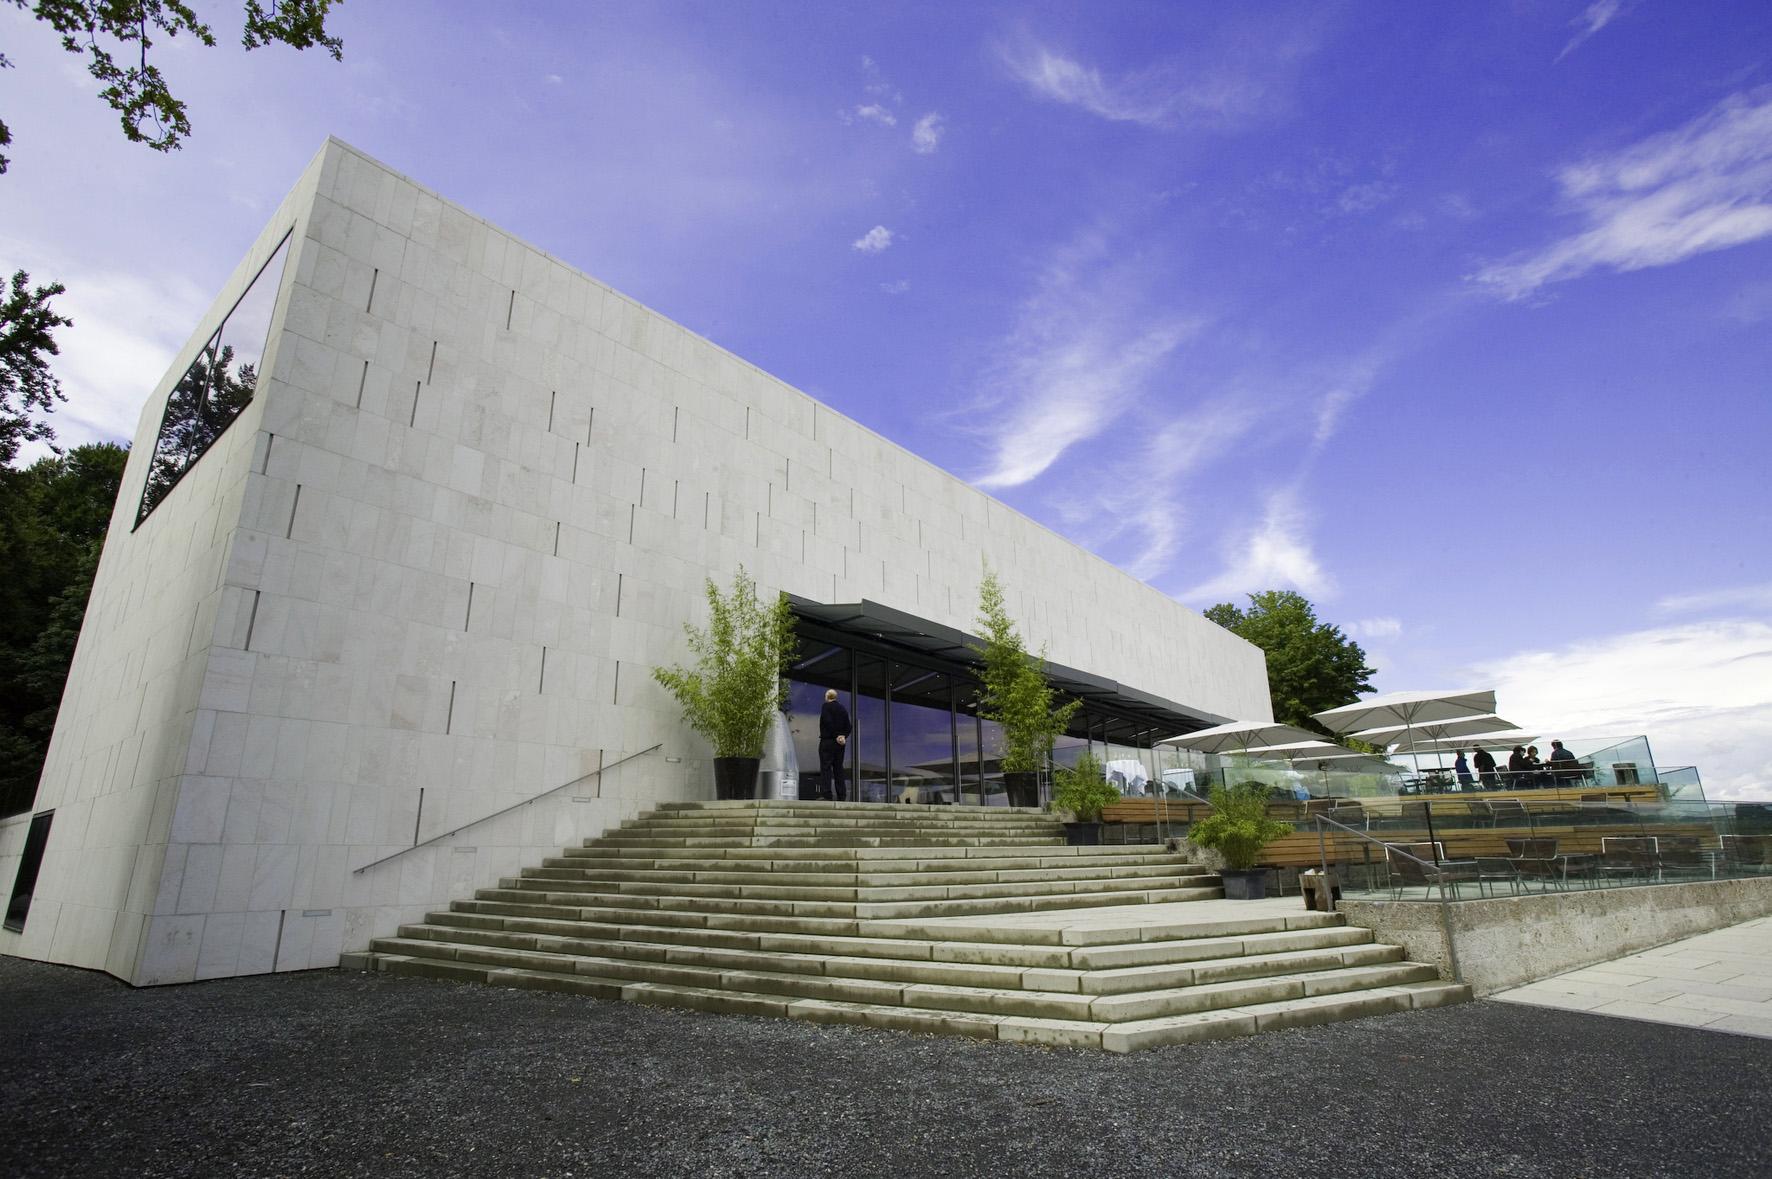 salzburg-museo-der-moderne-no-monchsberg-secret-world